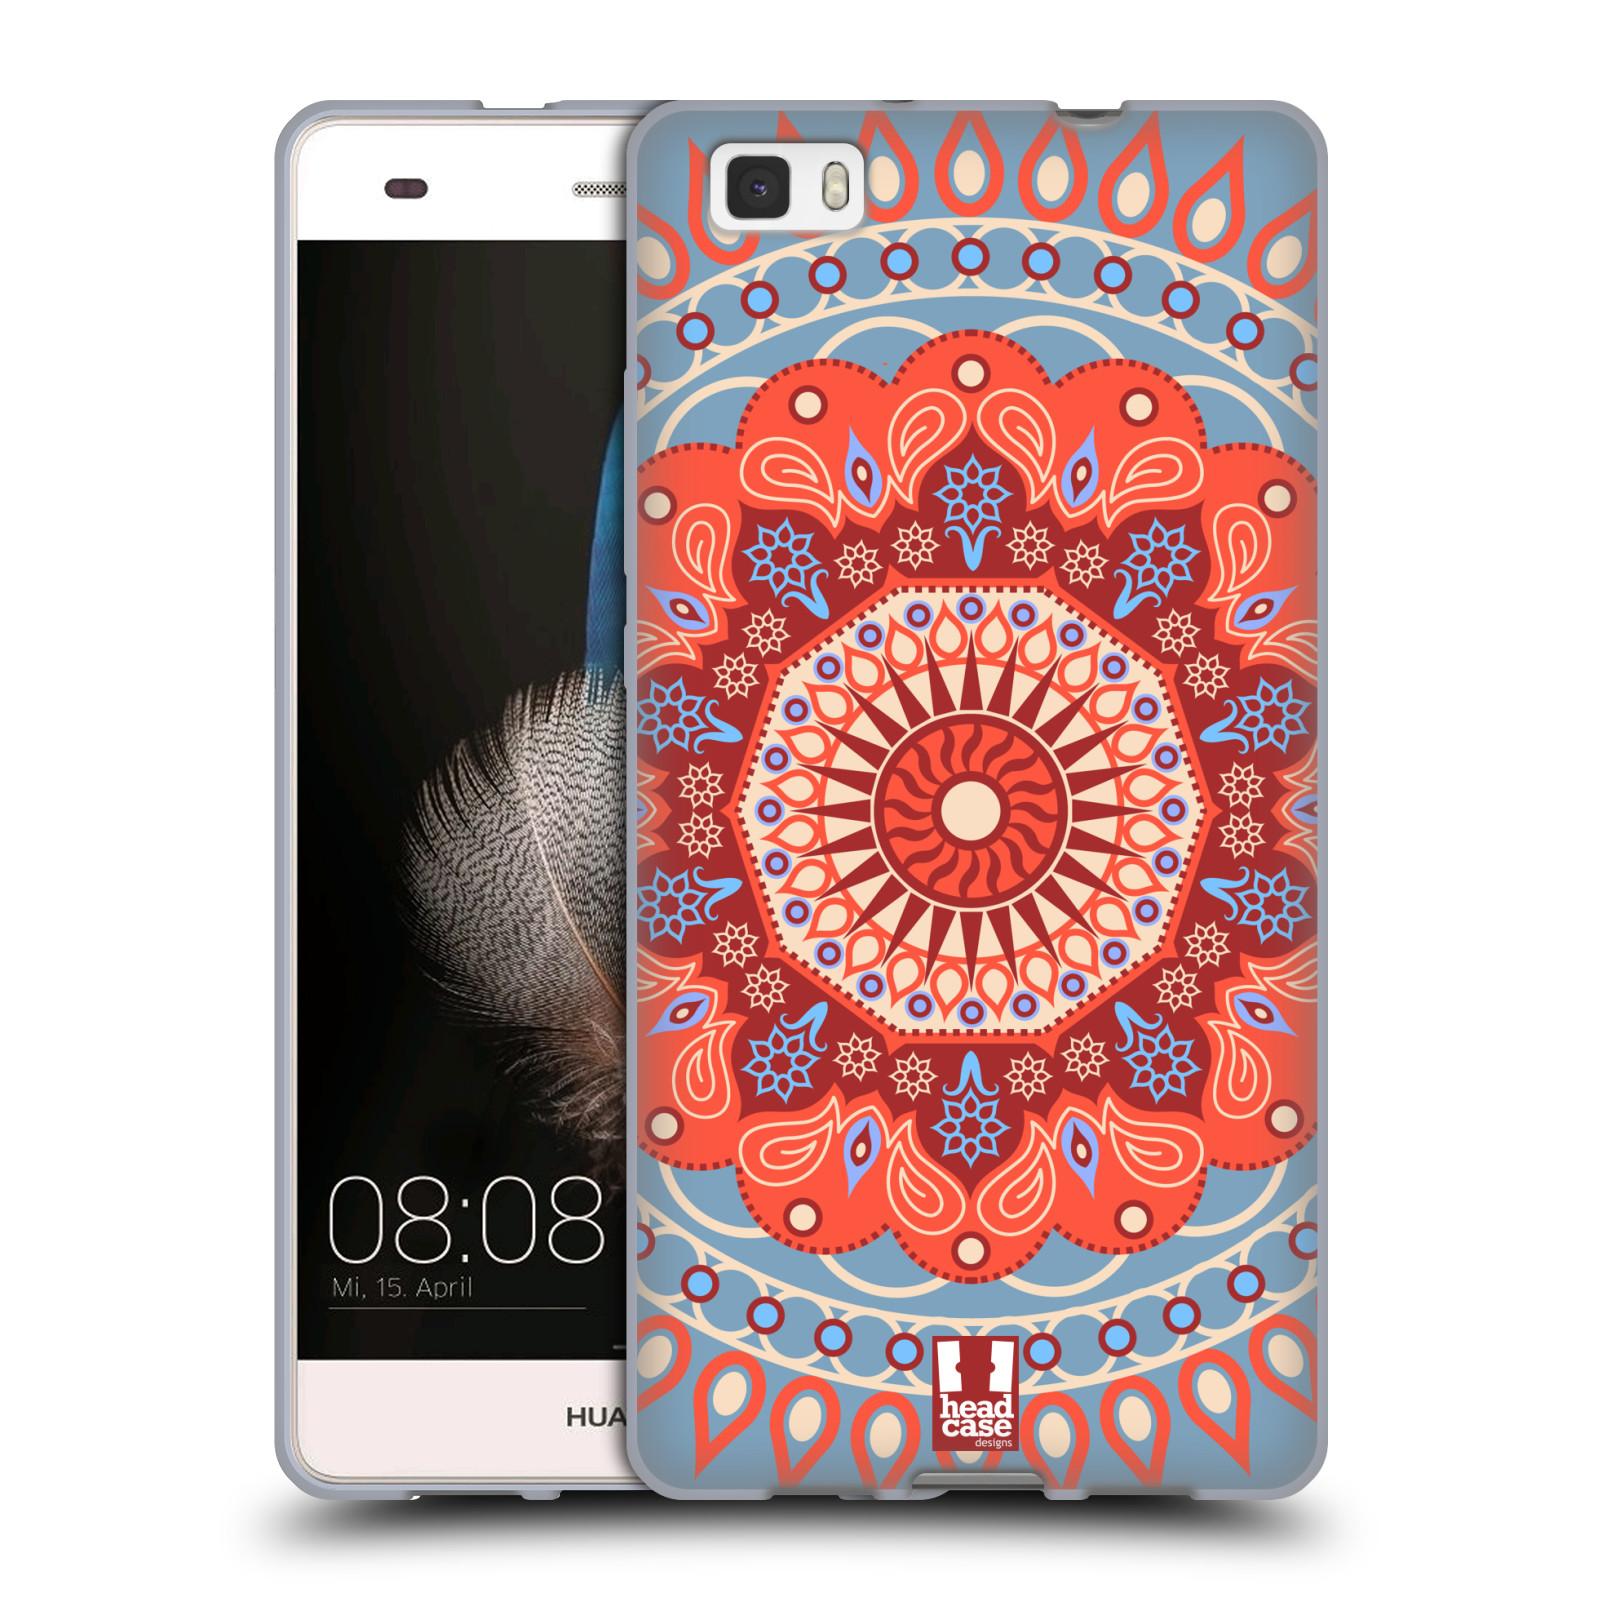 HEAD CASE silikonový obal na mobil HUAWEI P8 LITE vzor Indie Mandala slunce barevný motiv ČERVENÁ A MODRÁ